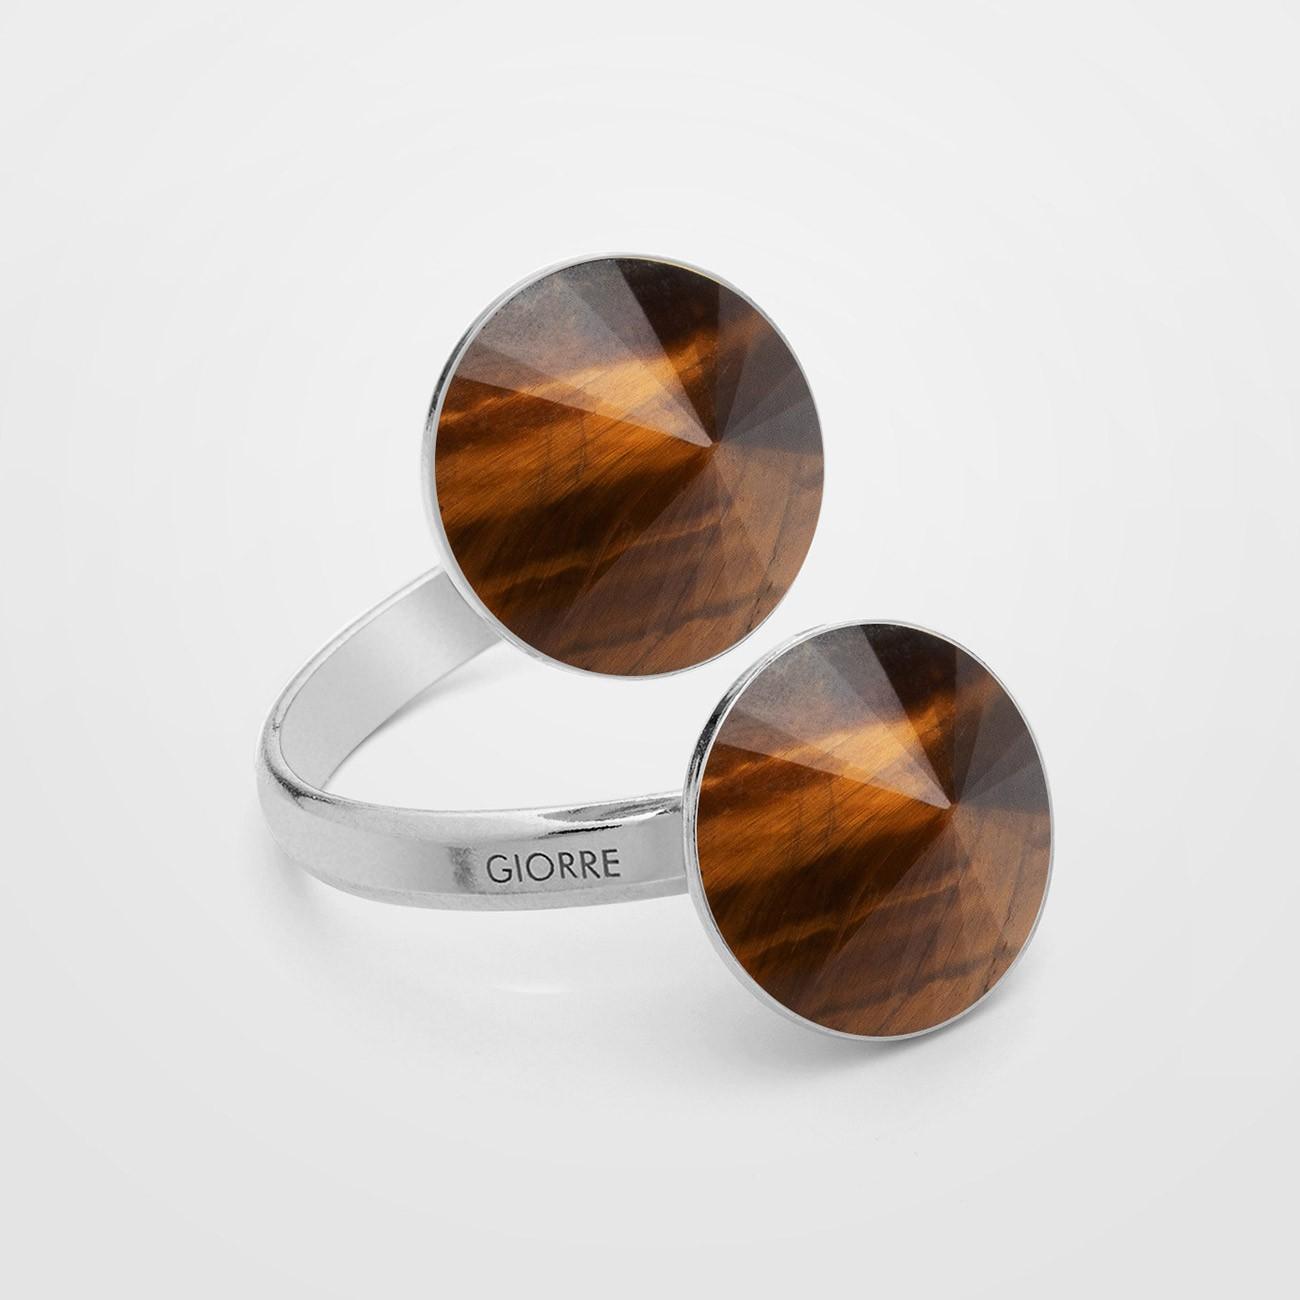 Pierścionek z dwoma ciemnymi kamieniami naturalnymi - tygrysie oko, onyx, srebro 925